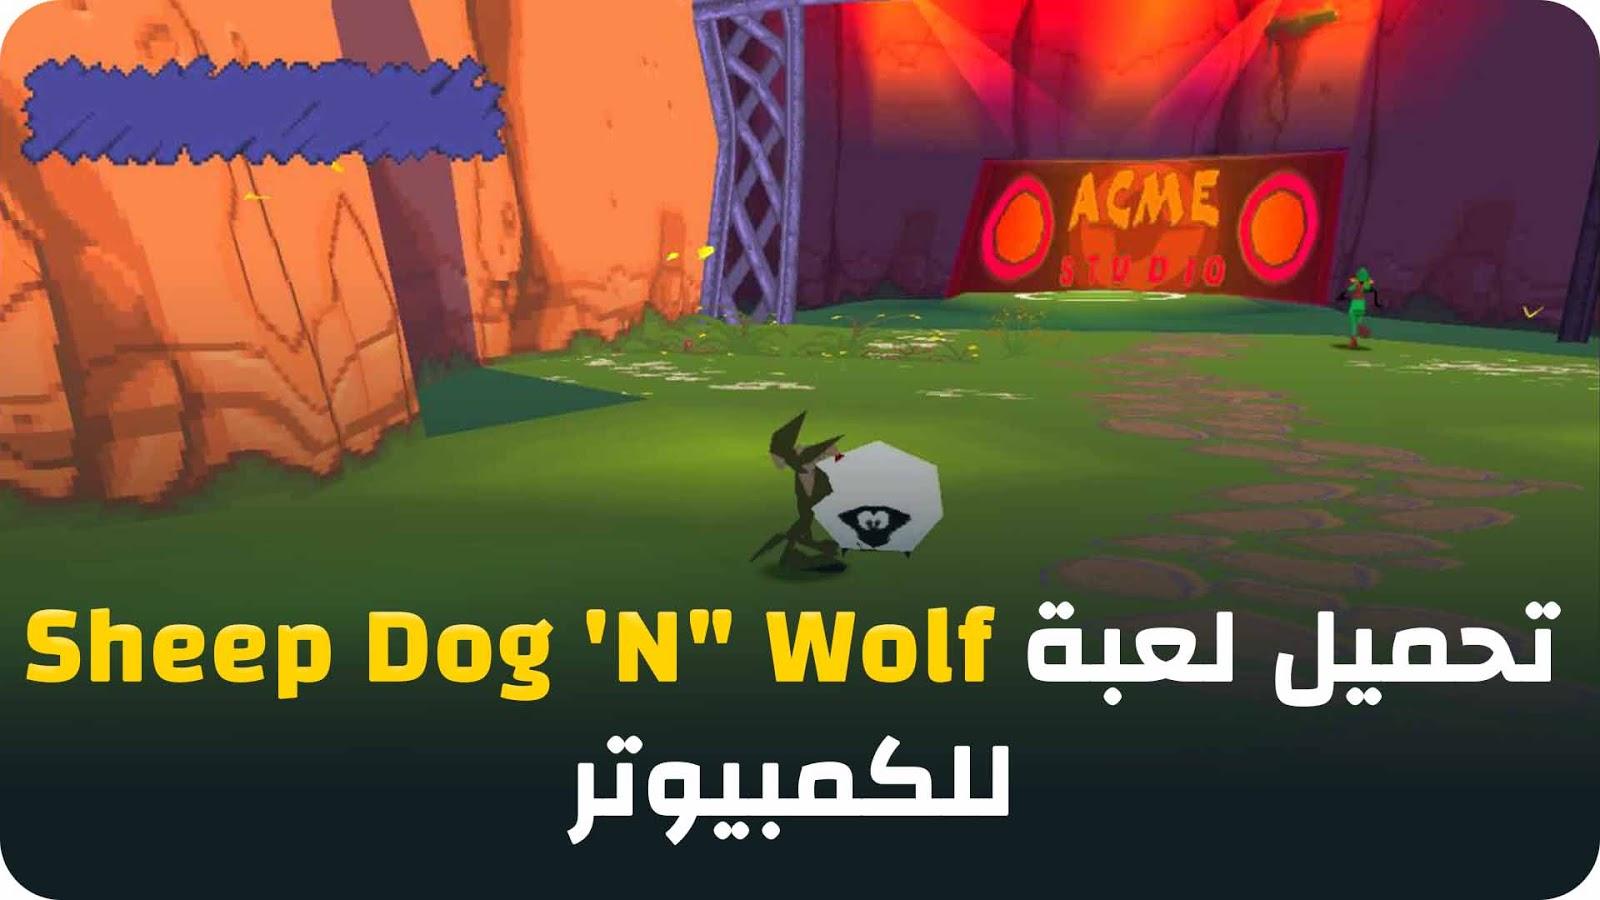 تحميل لعبة sheep dog n wolf كاملة